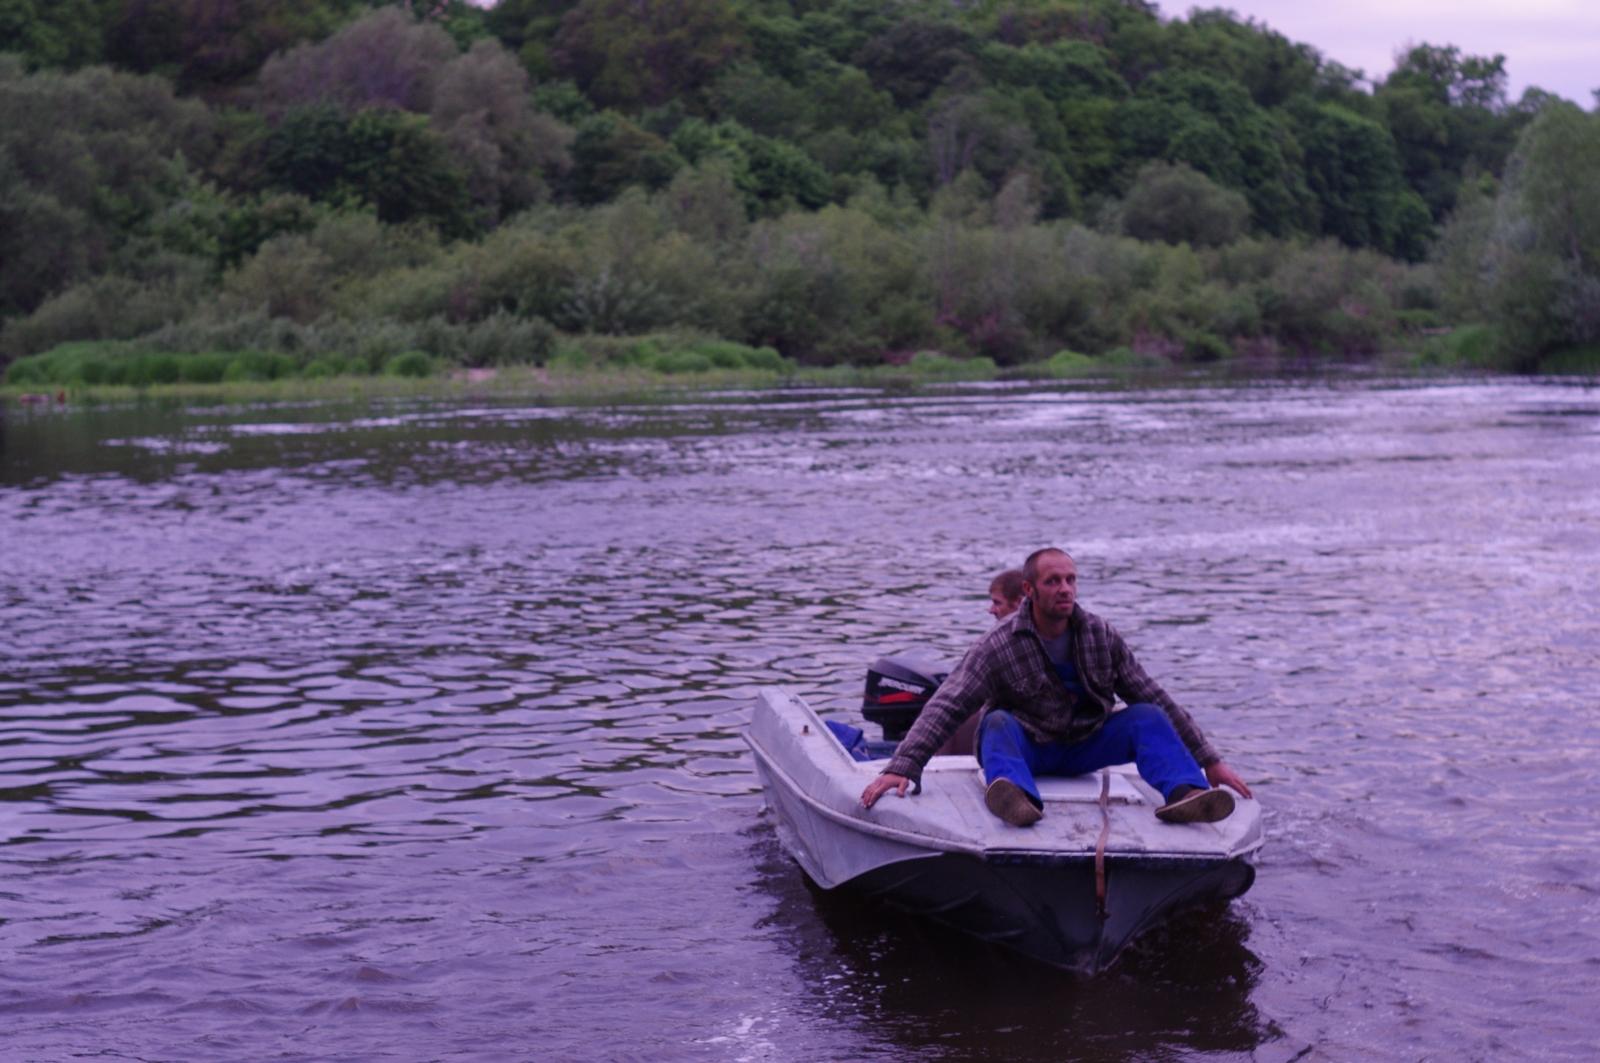 Водопад и мужчины на лодке